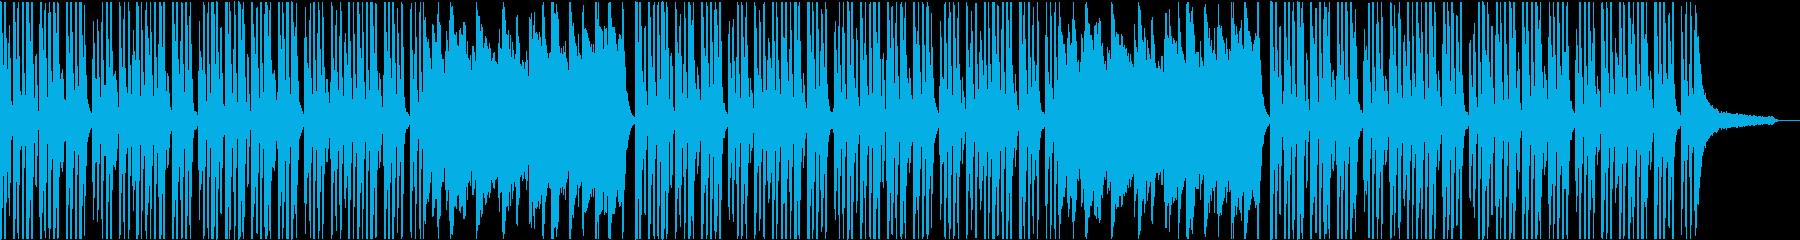 ピアノと弦のワルツ。そうだ、森を歩こう。の再生済みの波形